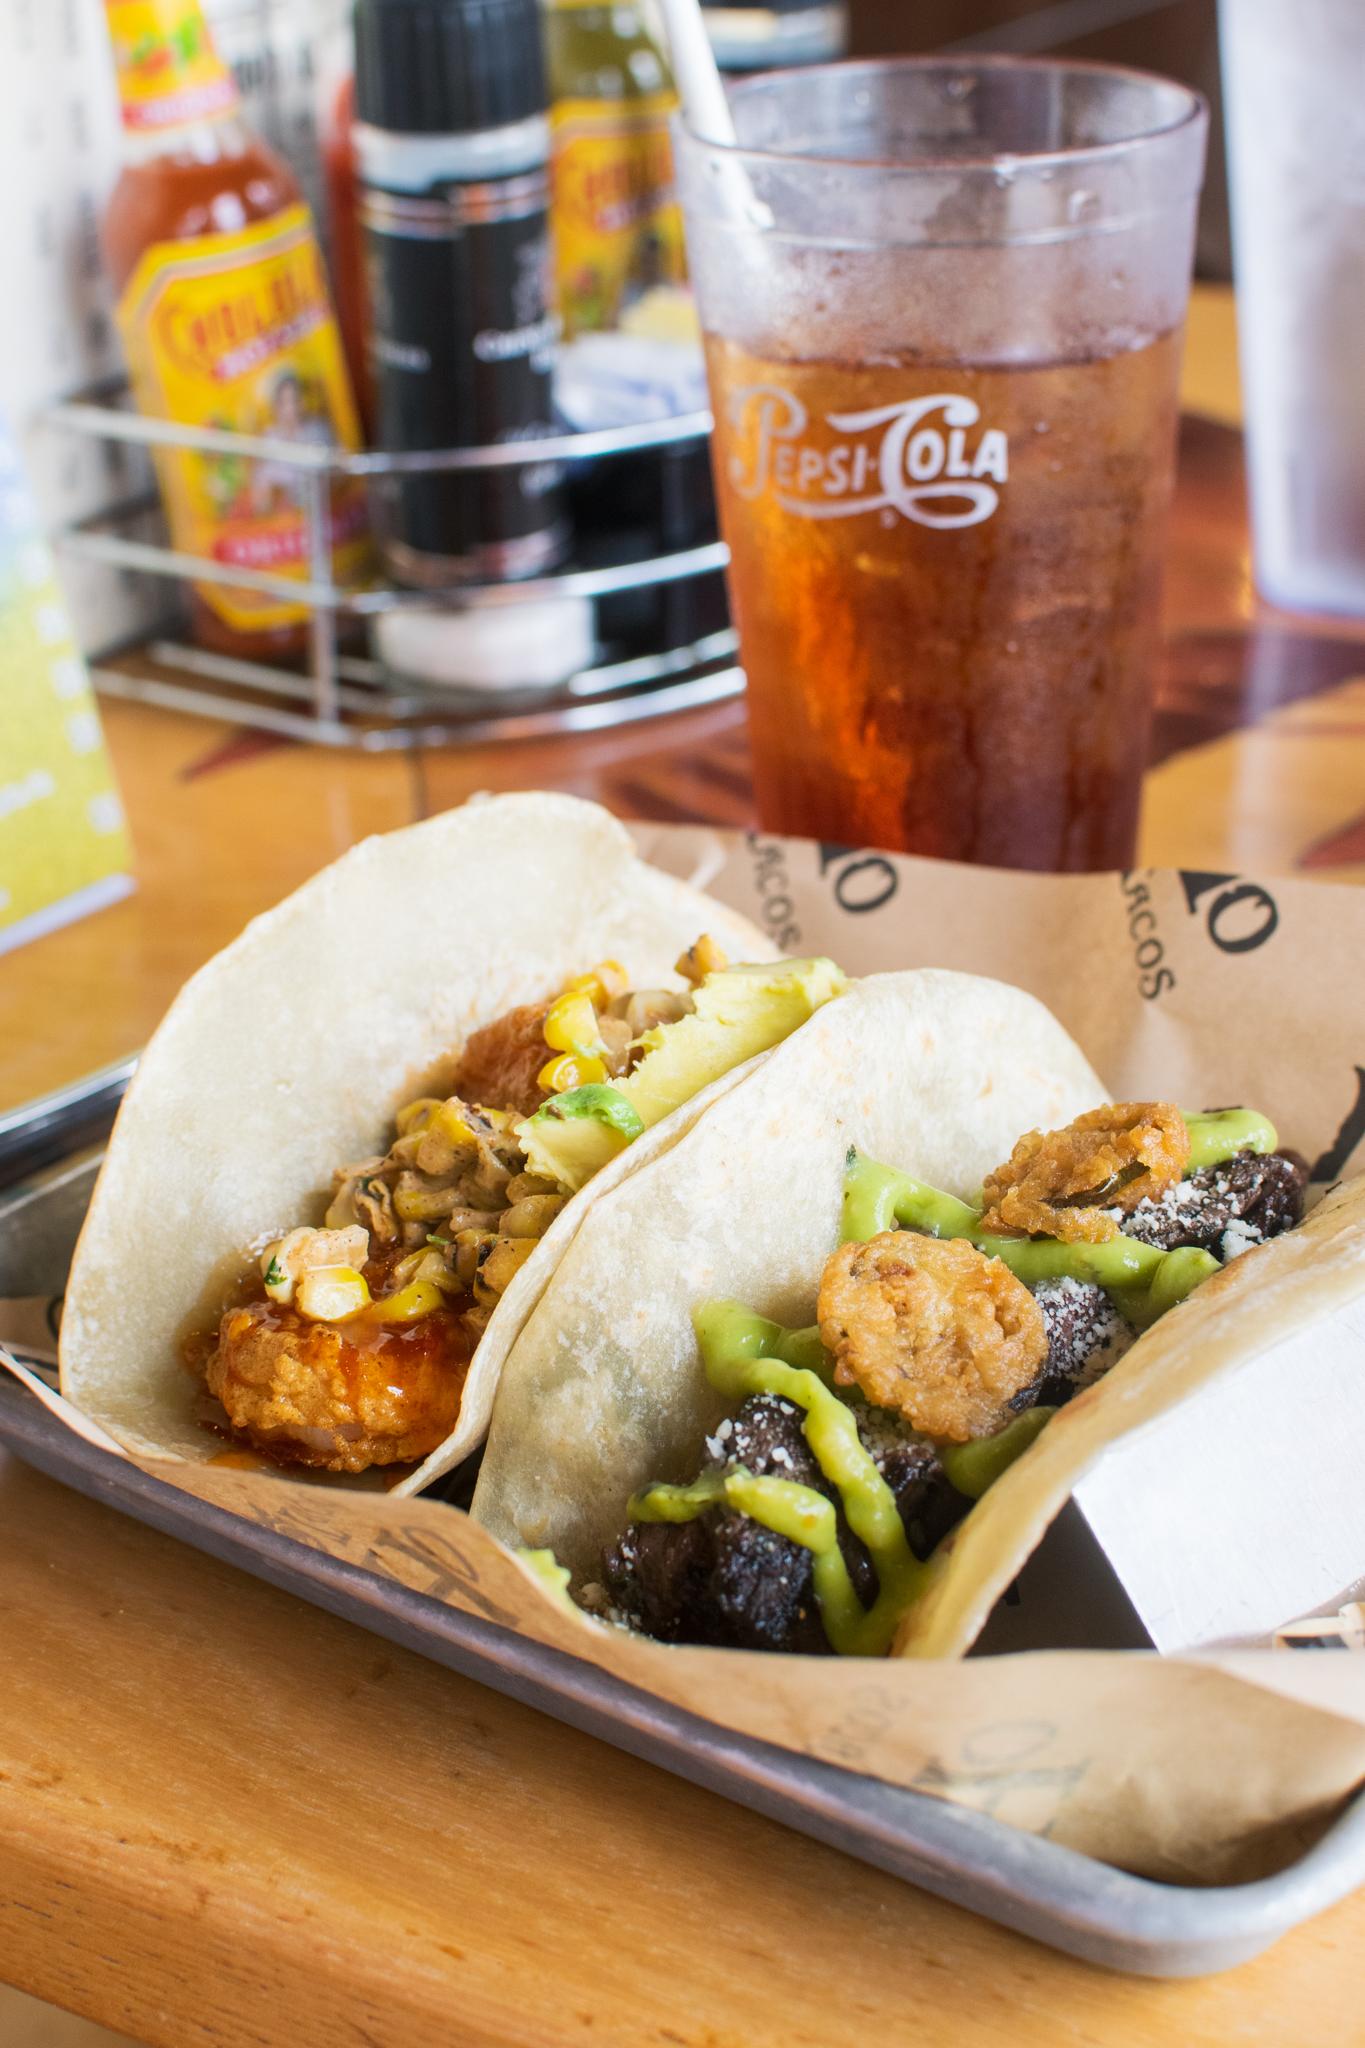 YoHo Rum and Tacos